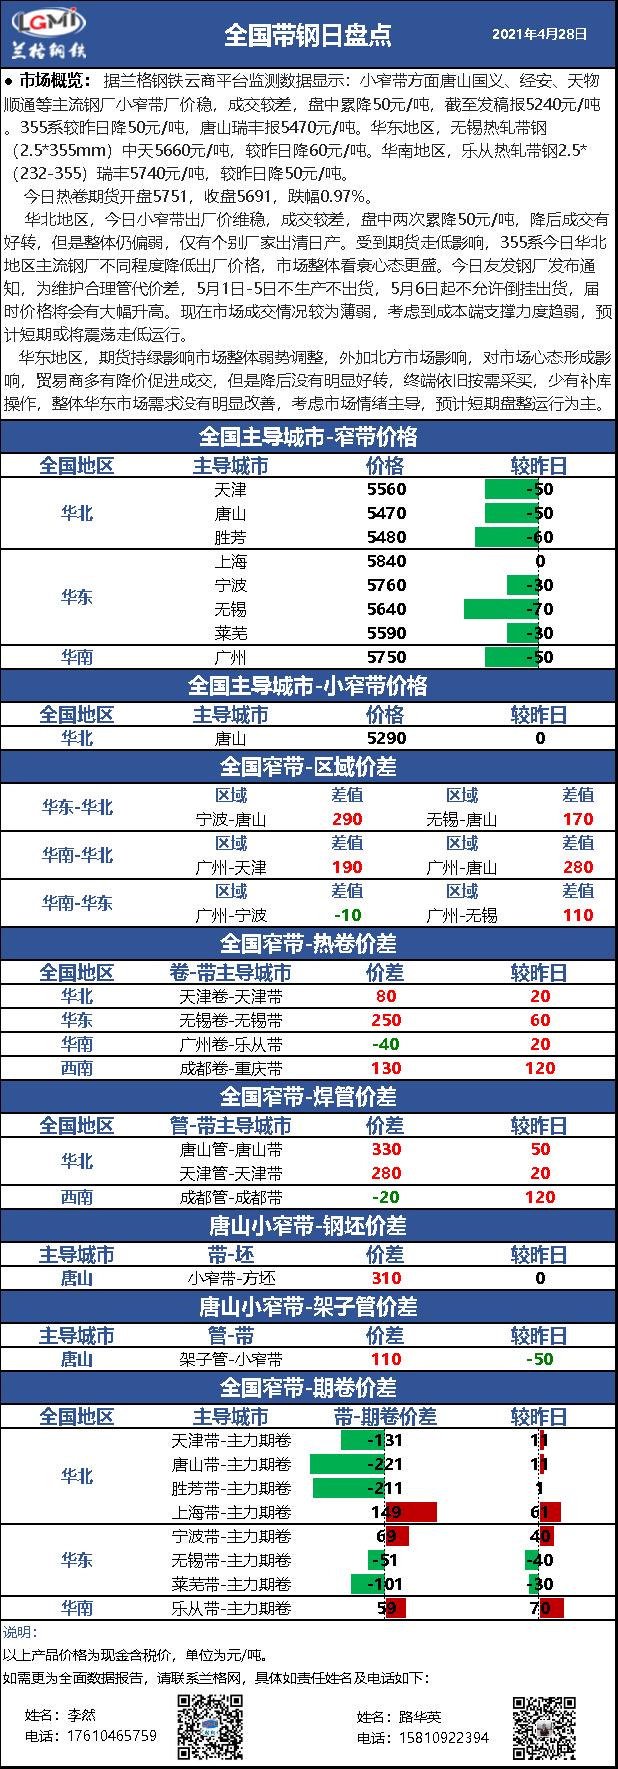 兰格带钢日盘点(4.28)价格再走低 需求无改善 短期或趋弱震荡